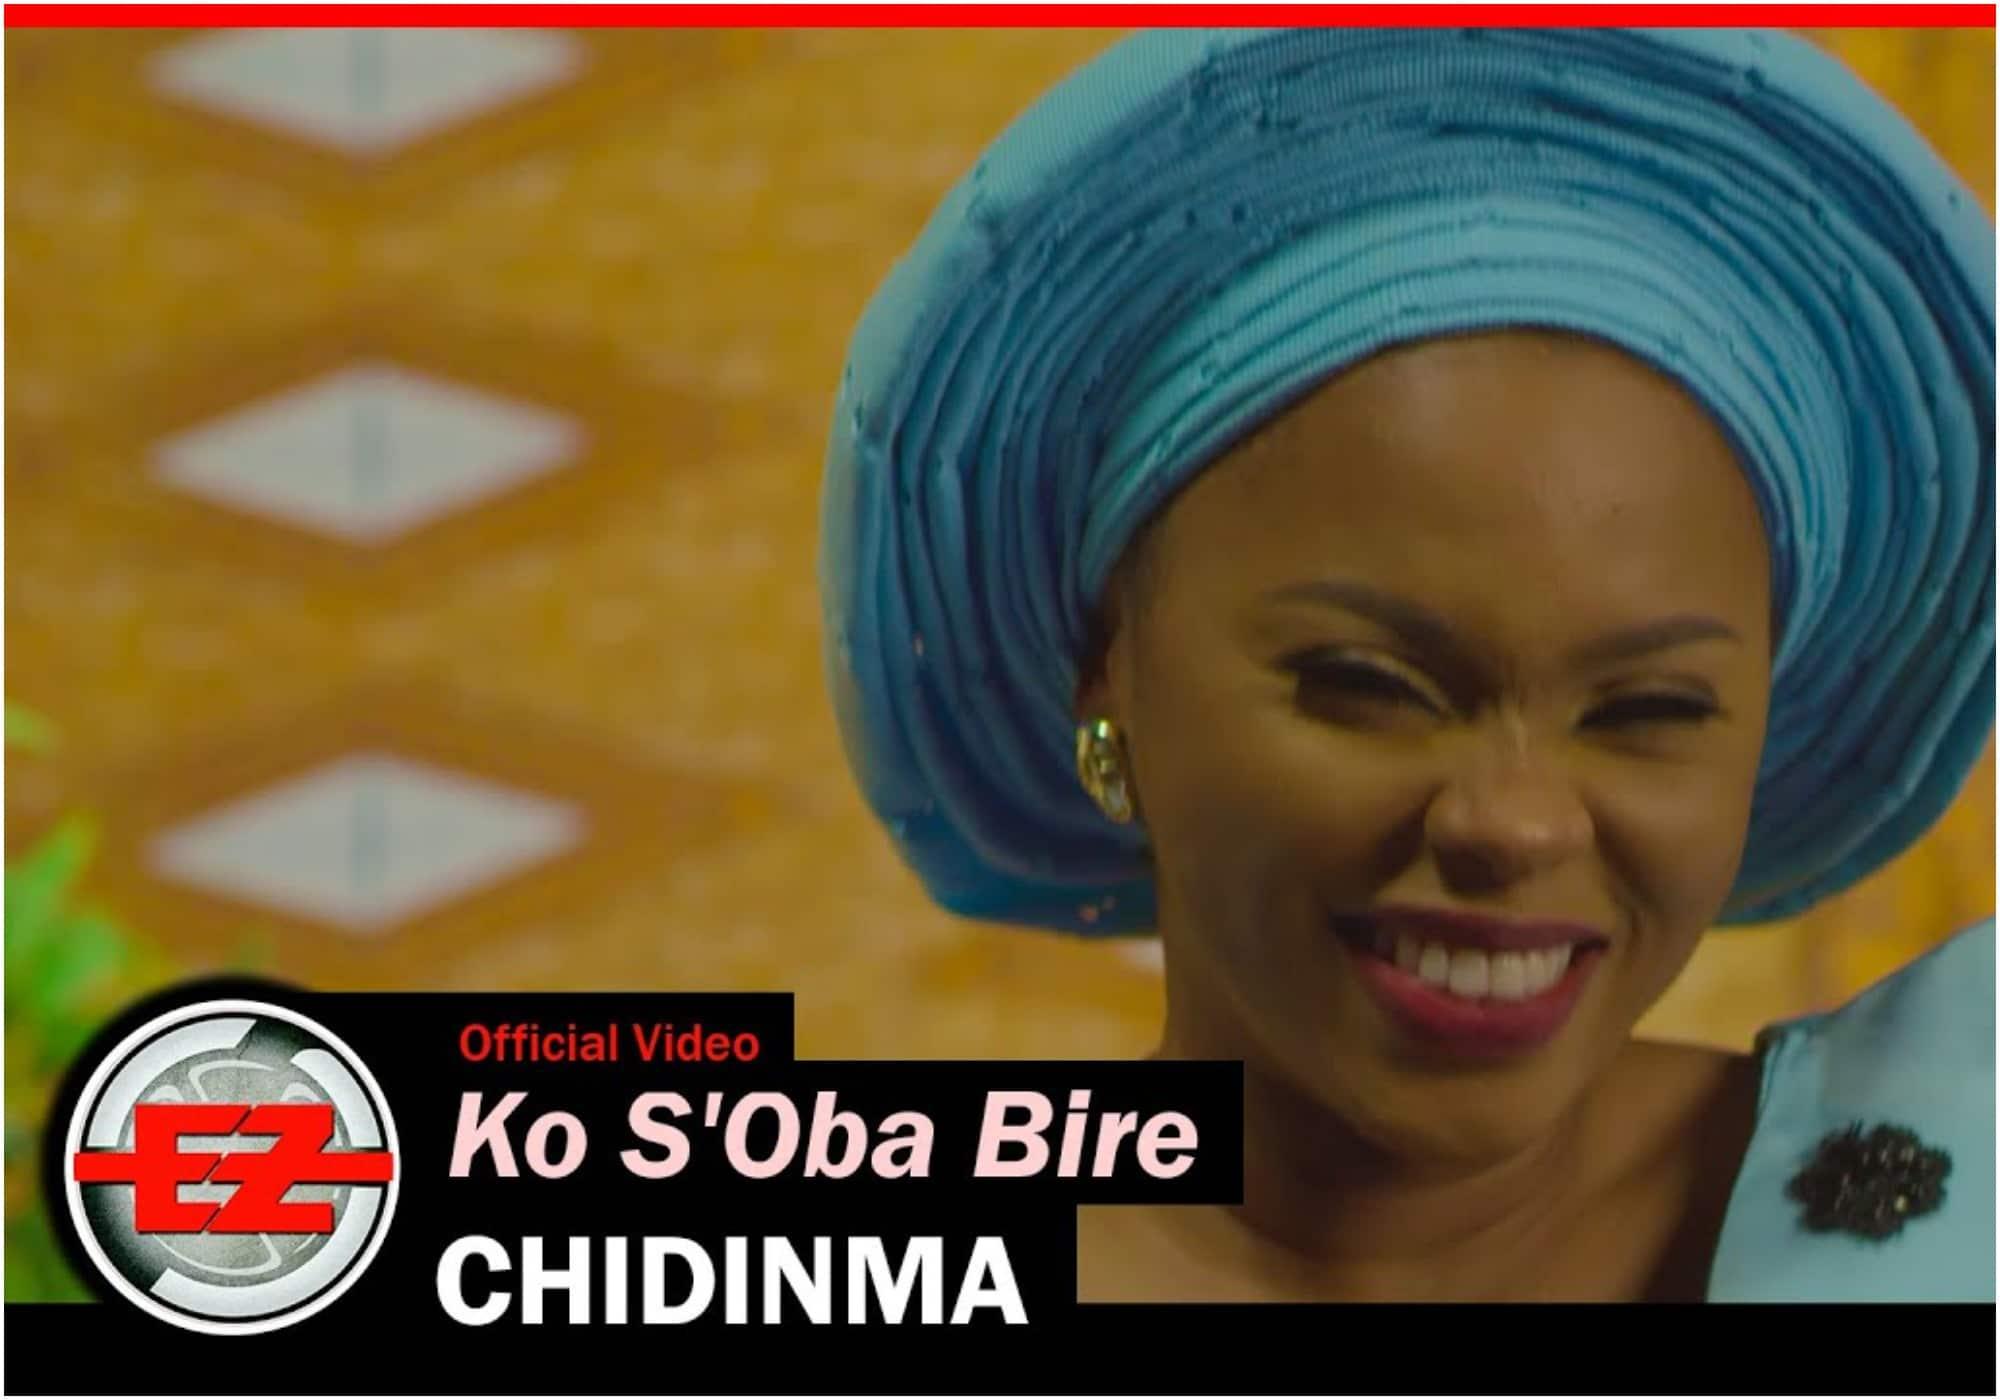 Chidinma - Ko S'Oba bire